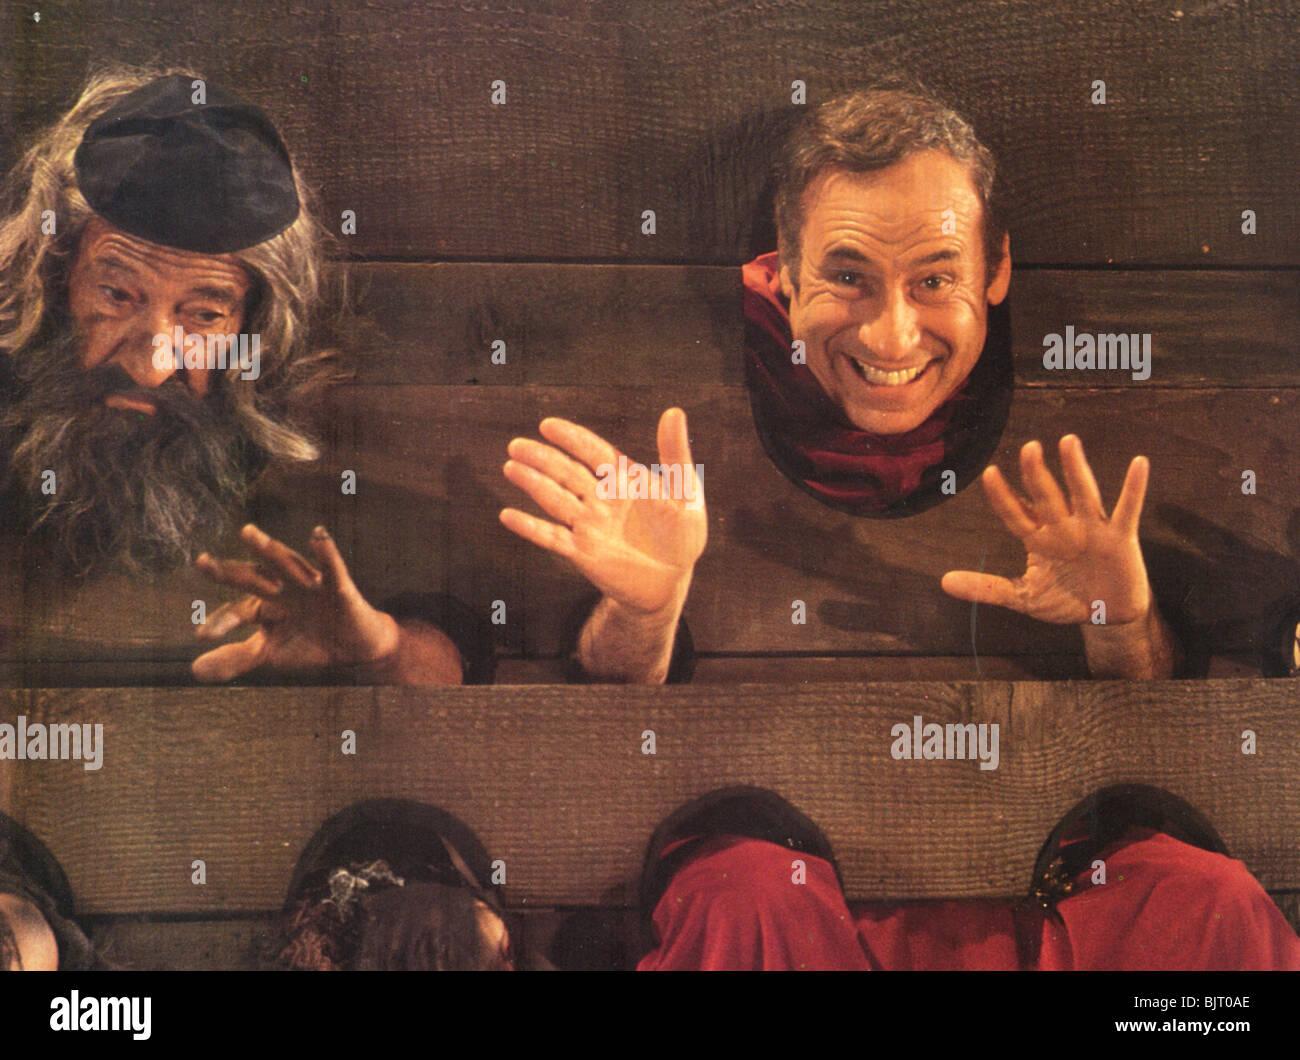 La storia del mondo PARTE UNO - 1981 Brooksfilms film con Mel Brooks a destra Immagini Stock